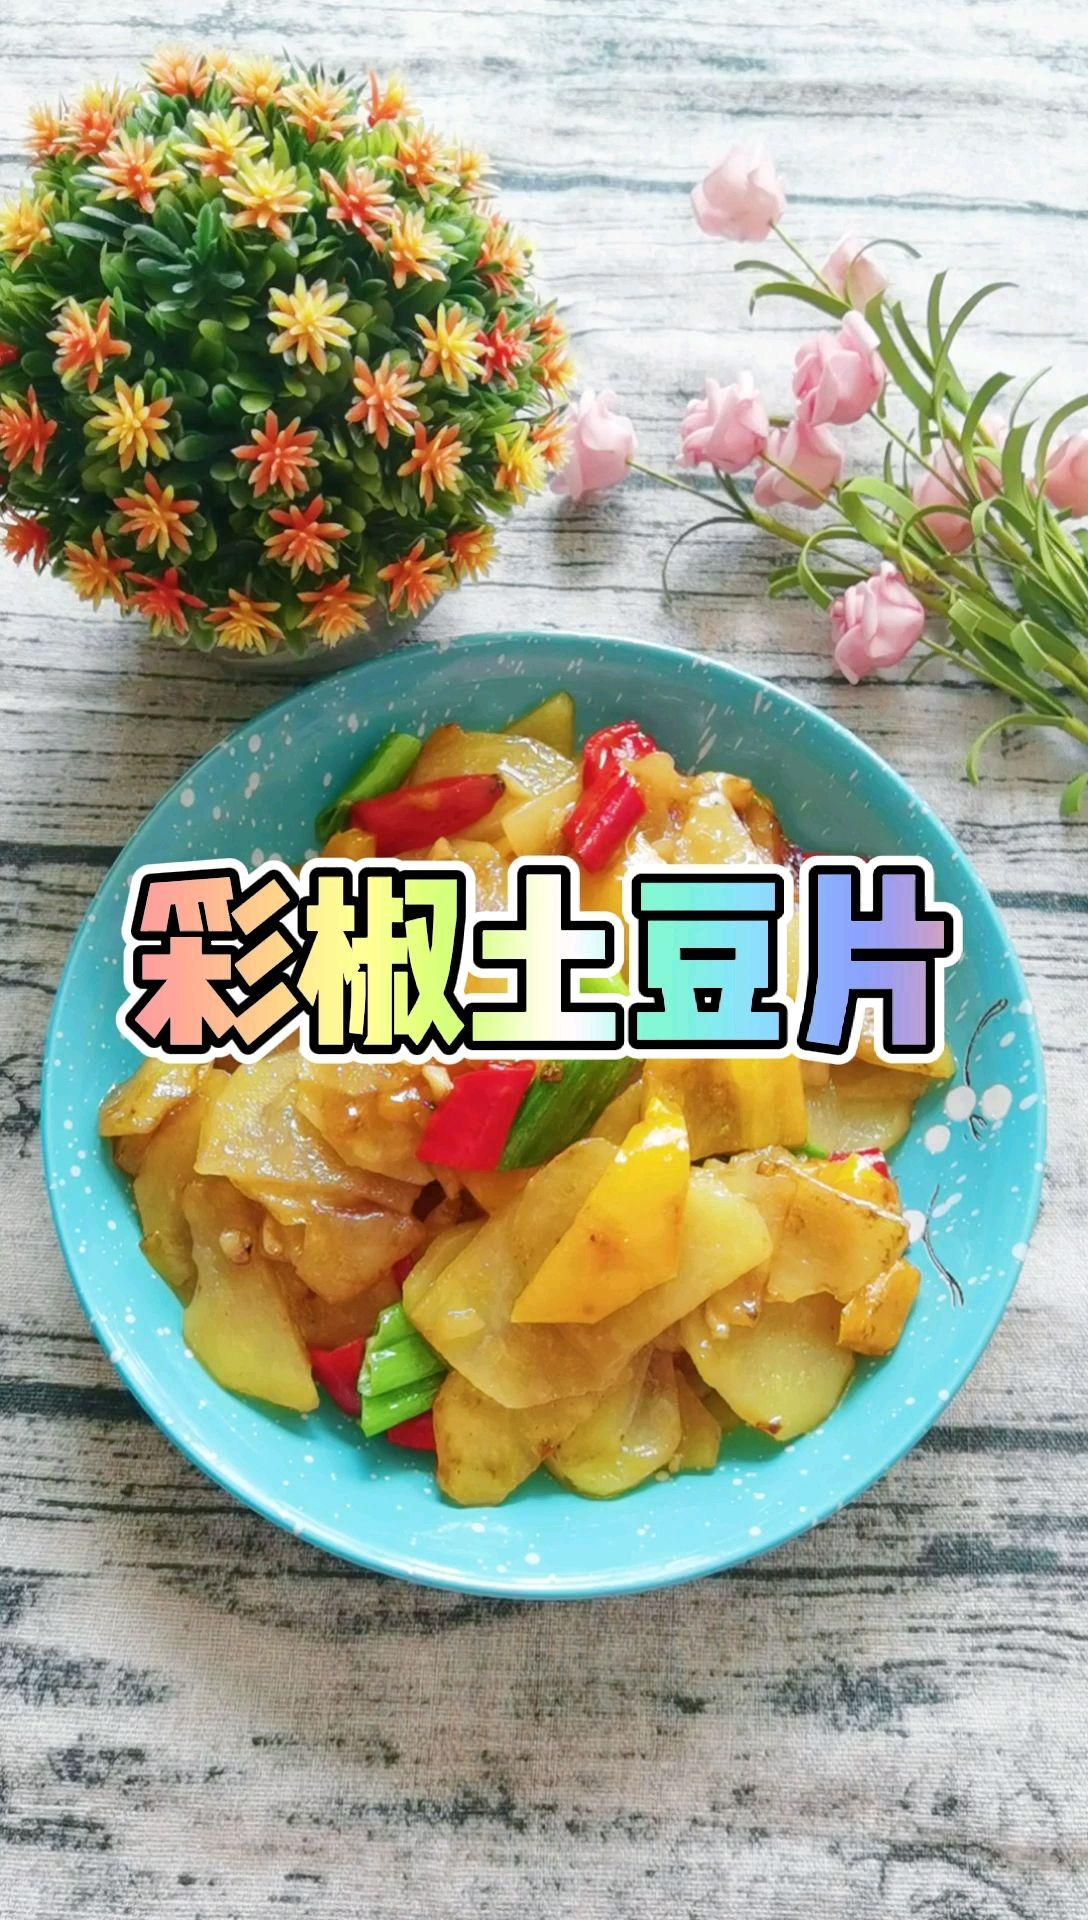 我是半滴雨#来自内蒙古#,参赛作品为素菜也下饭-彩椒土豆片,大人孩子都爱吃的做法